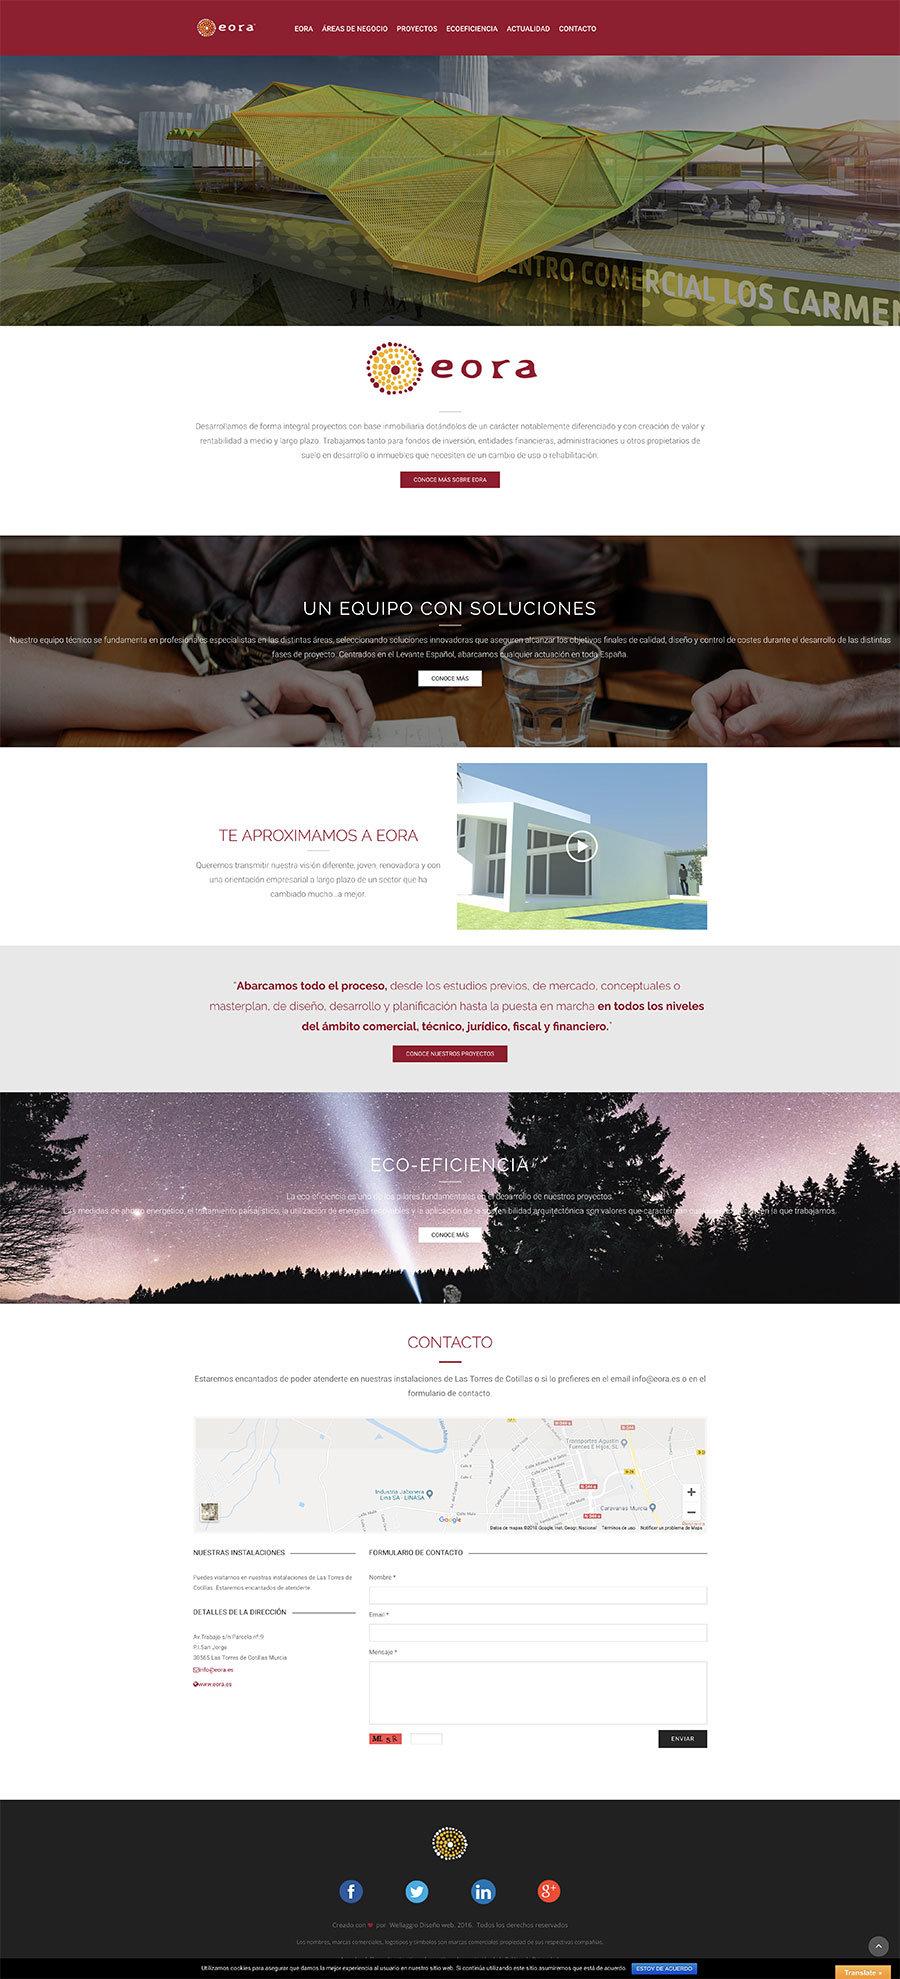 Wellaggio-diseño-web-valencia-eora-es-2018-08-16-17_21_30